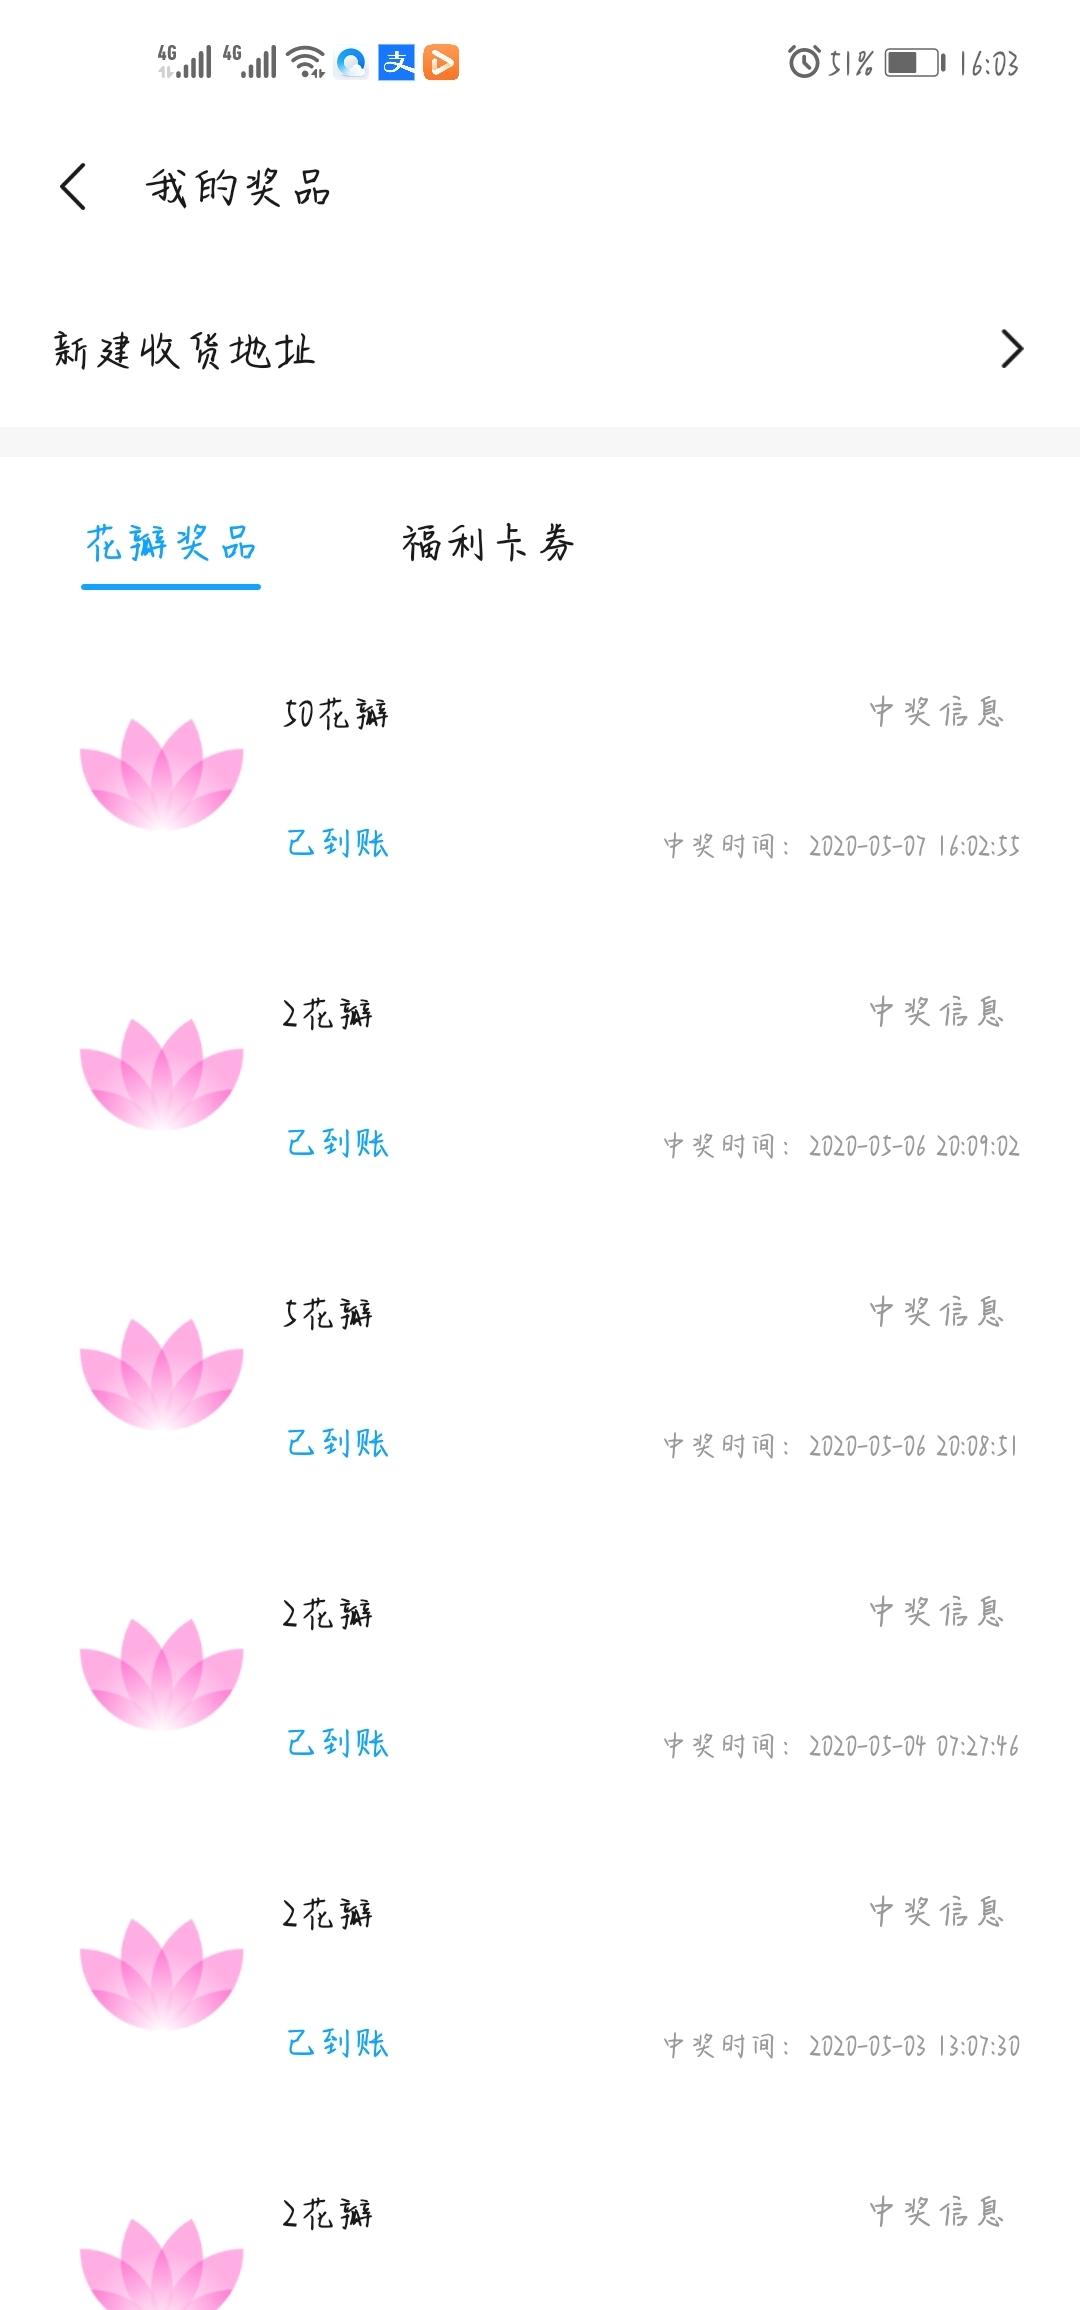 Screenshot_20200507_160315_com.huawei.fans.jpg